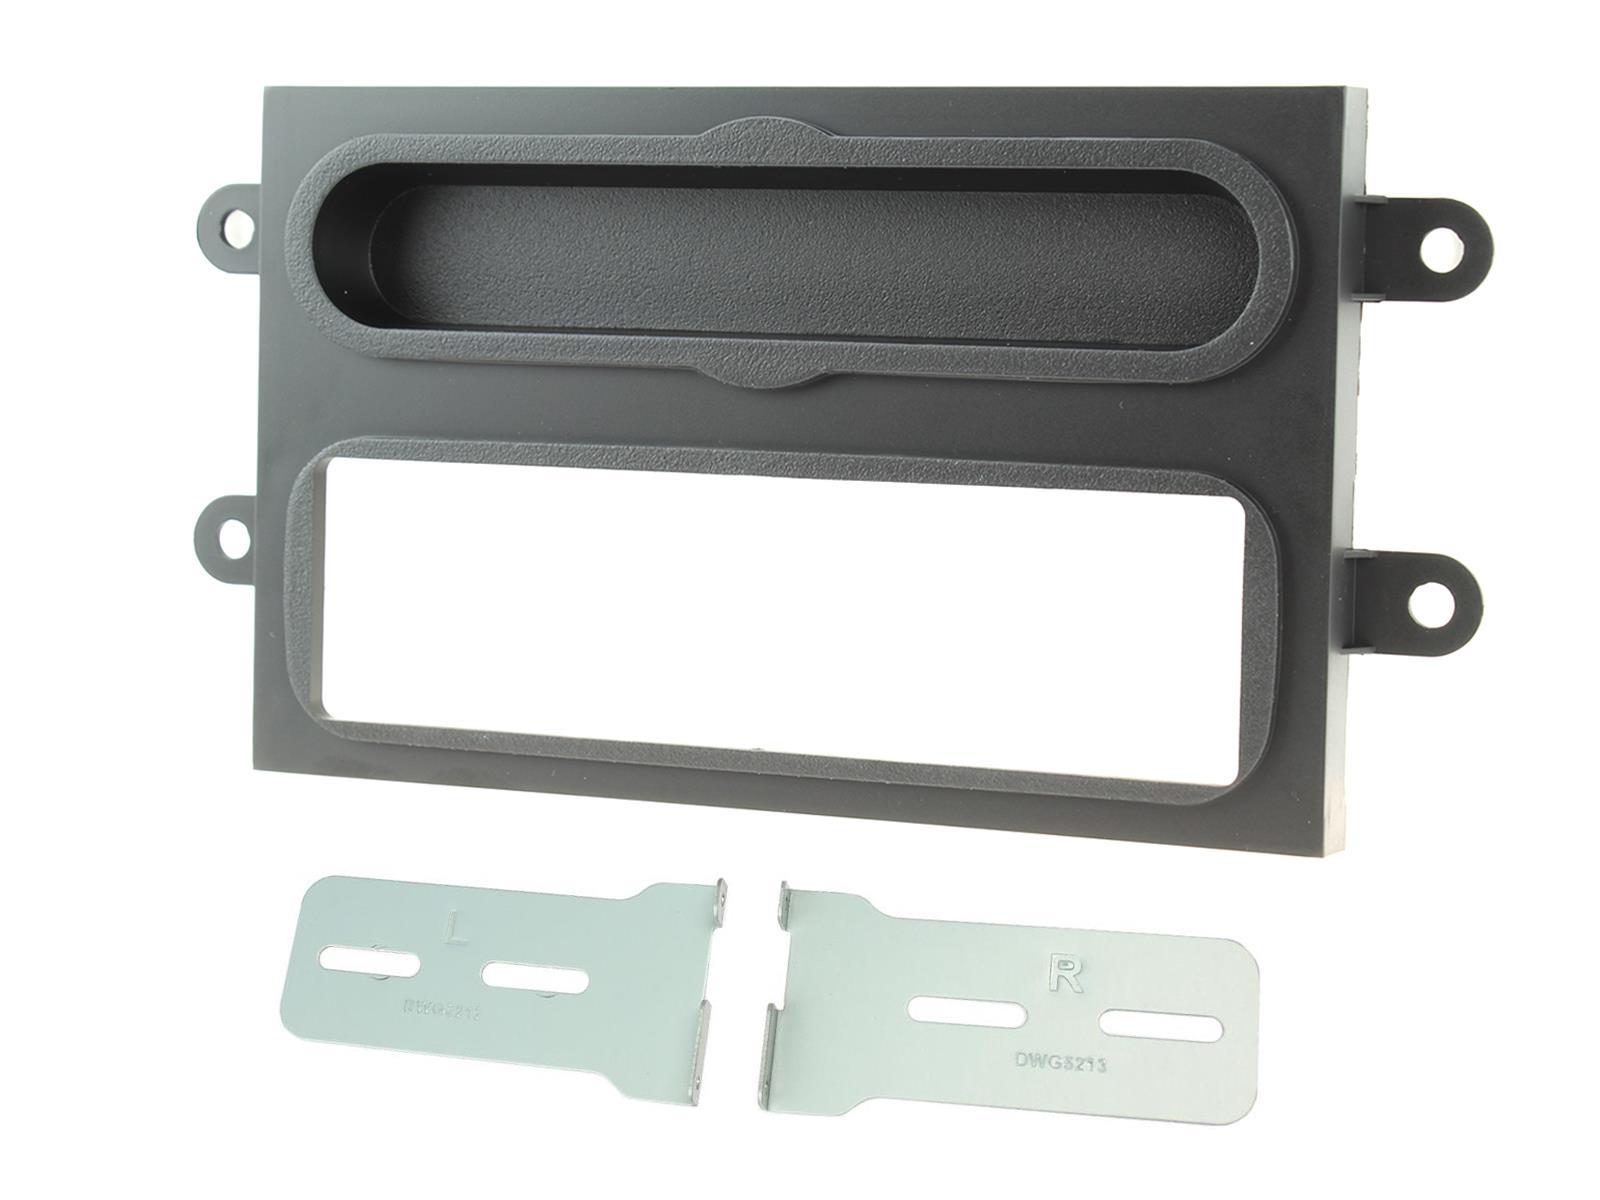 2-DIN frame met bakje Renault Twingo 2014 - Mat Zwart